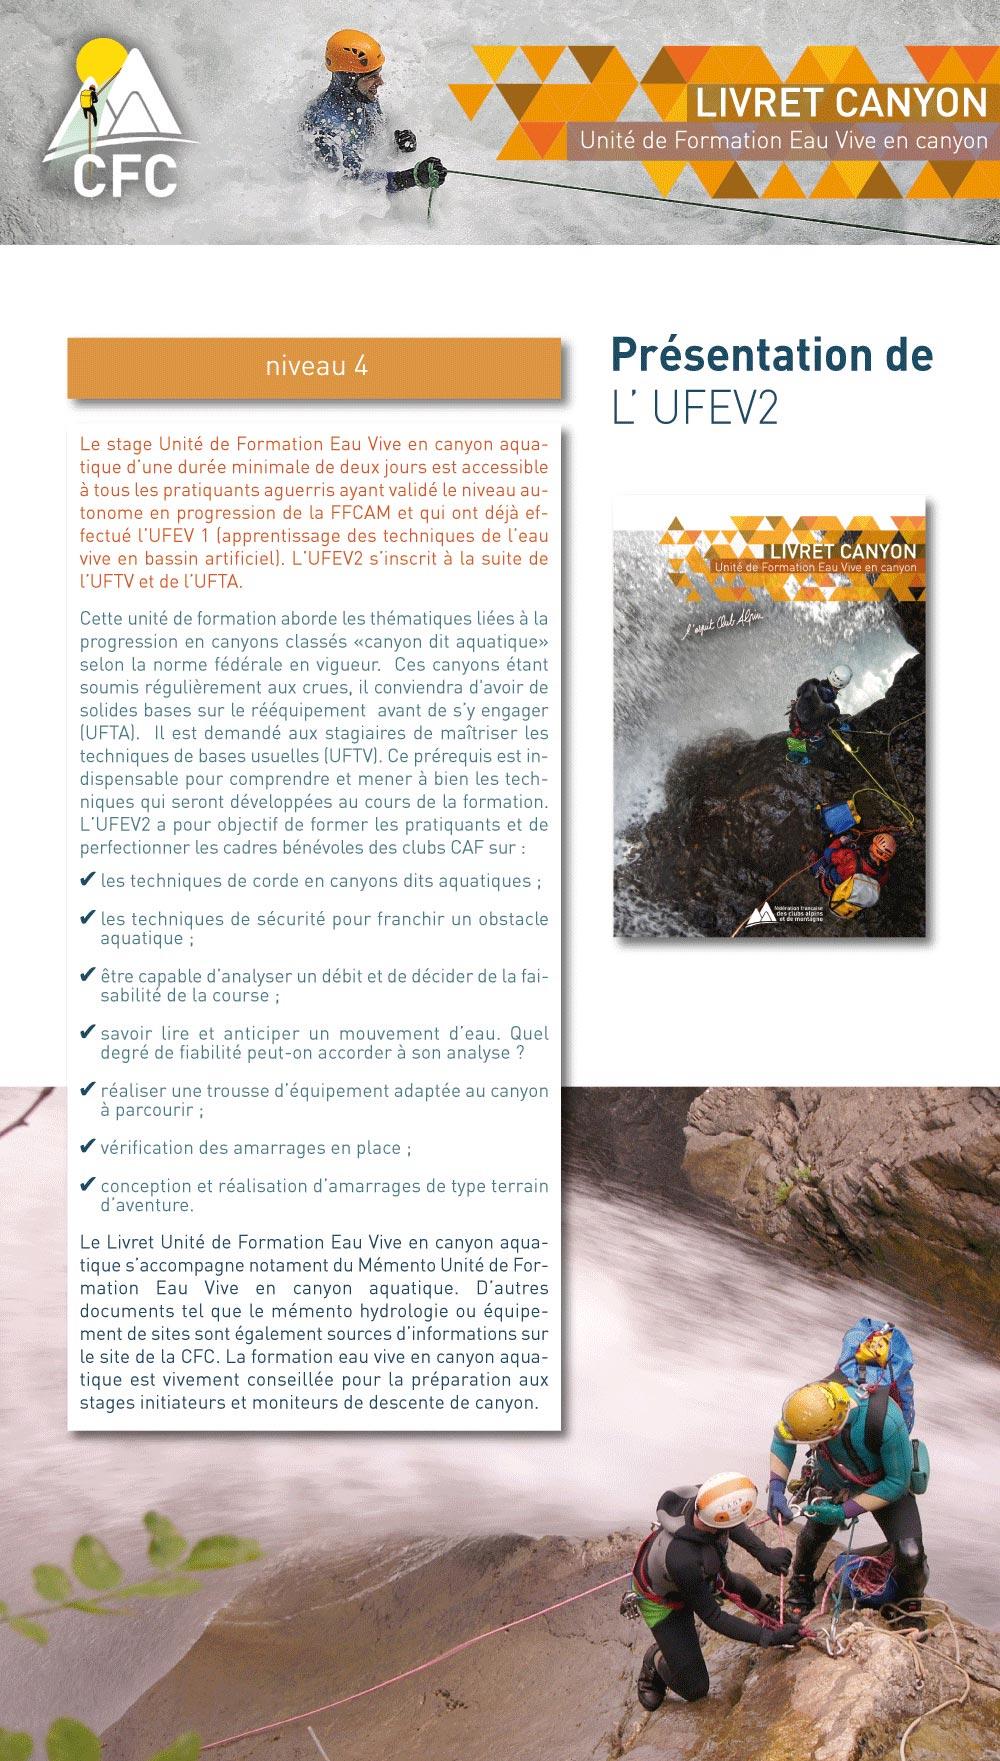 présentation de l'unité de formation eau-vive en canyon de la FFCAM